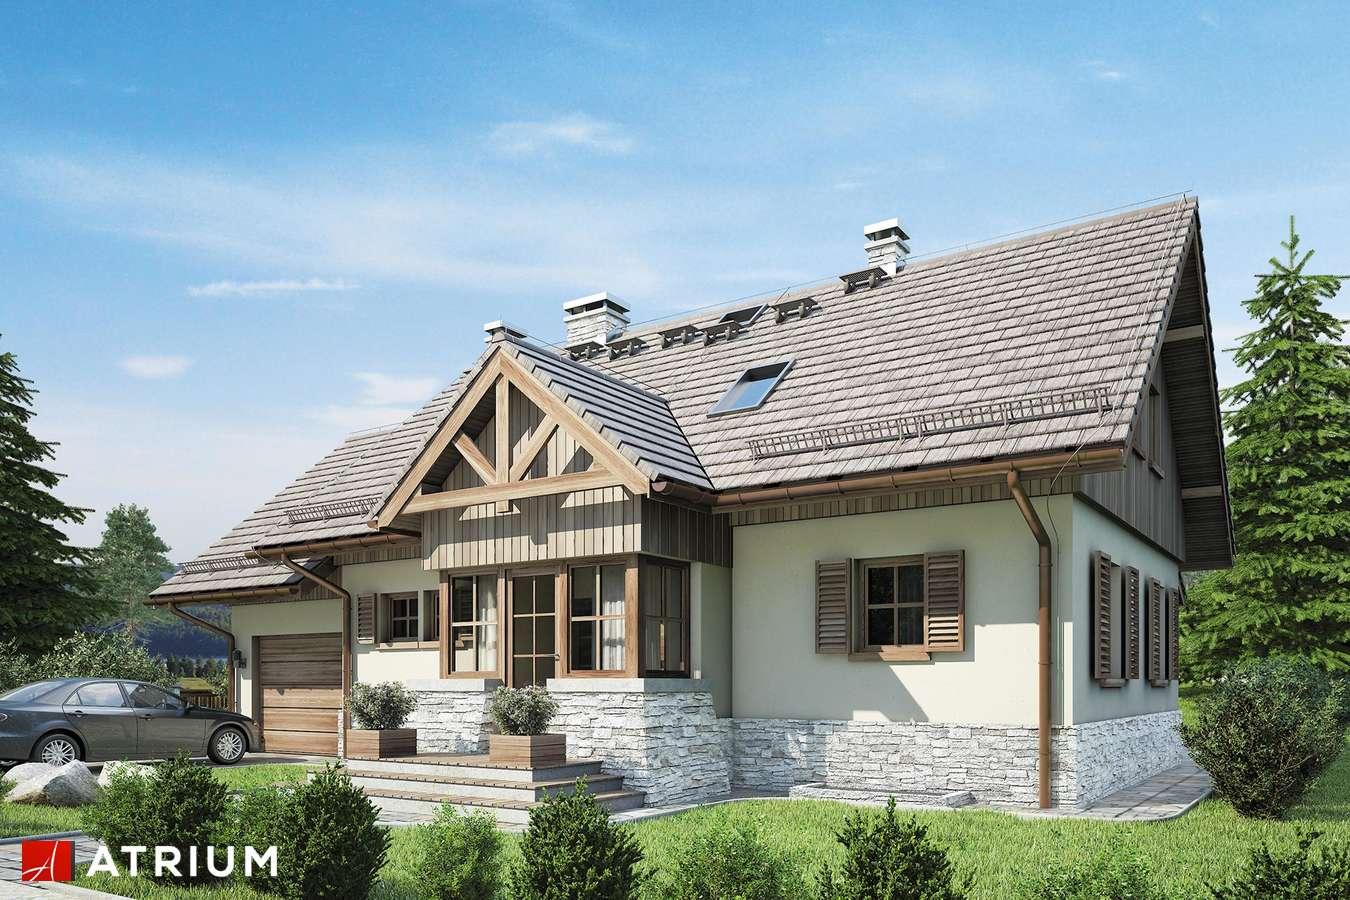 Projekty domów - Projekt domu z poddaszem U GAZDY IV - wizualizacja 1 - wersja lustrzana